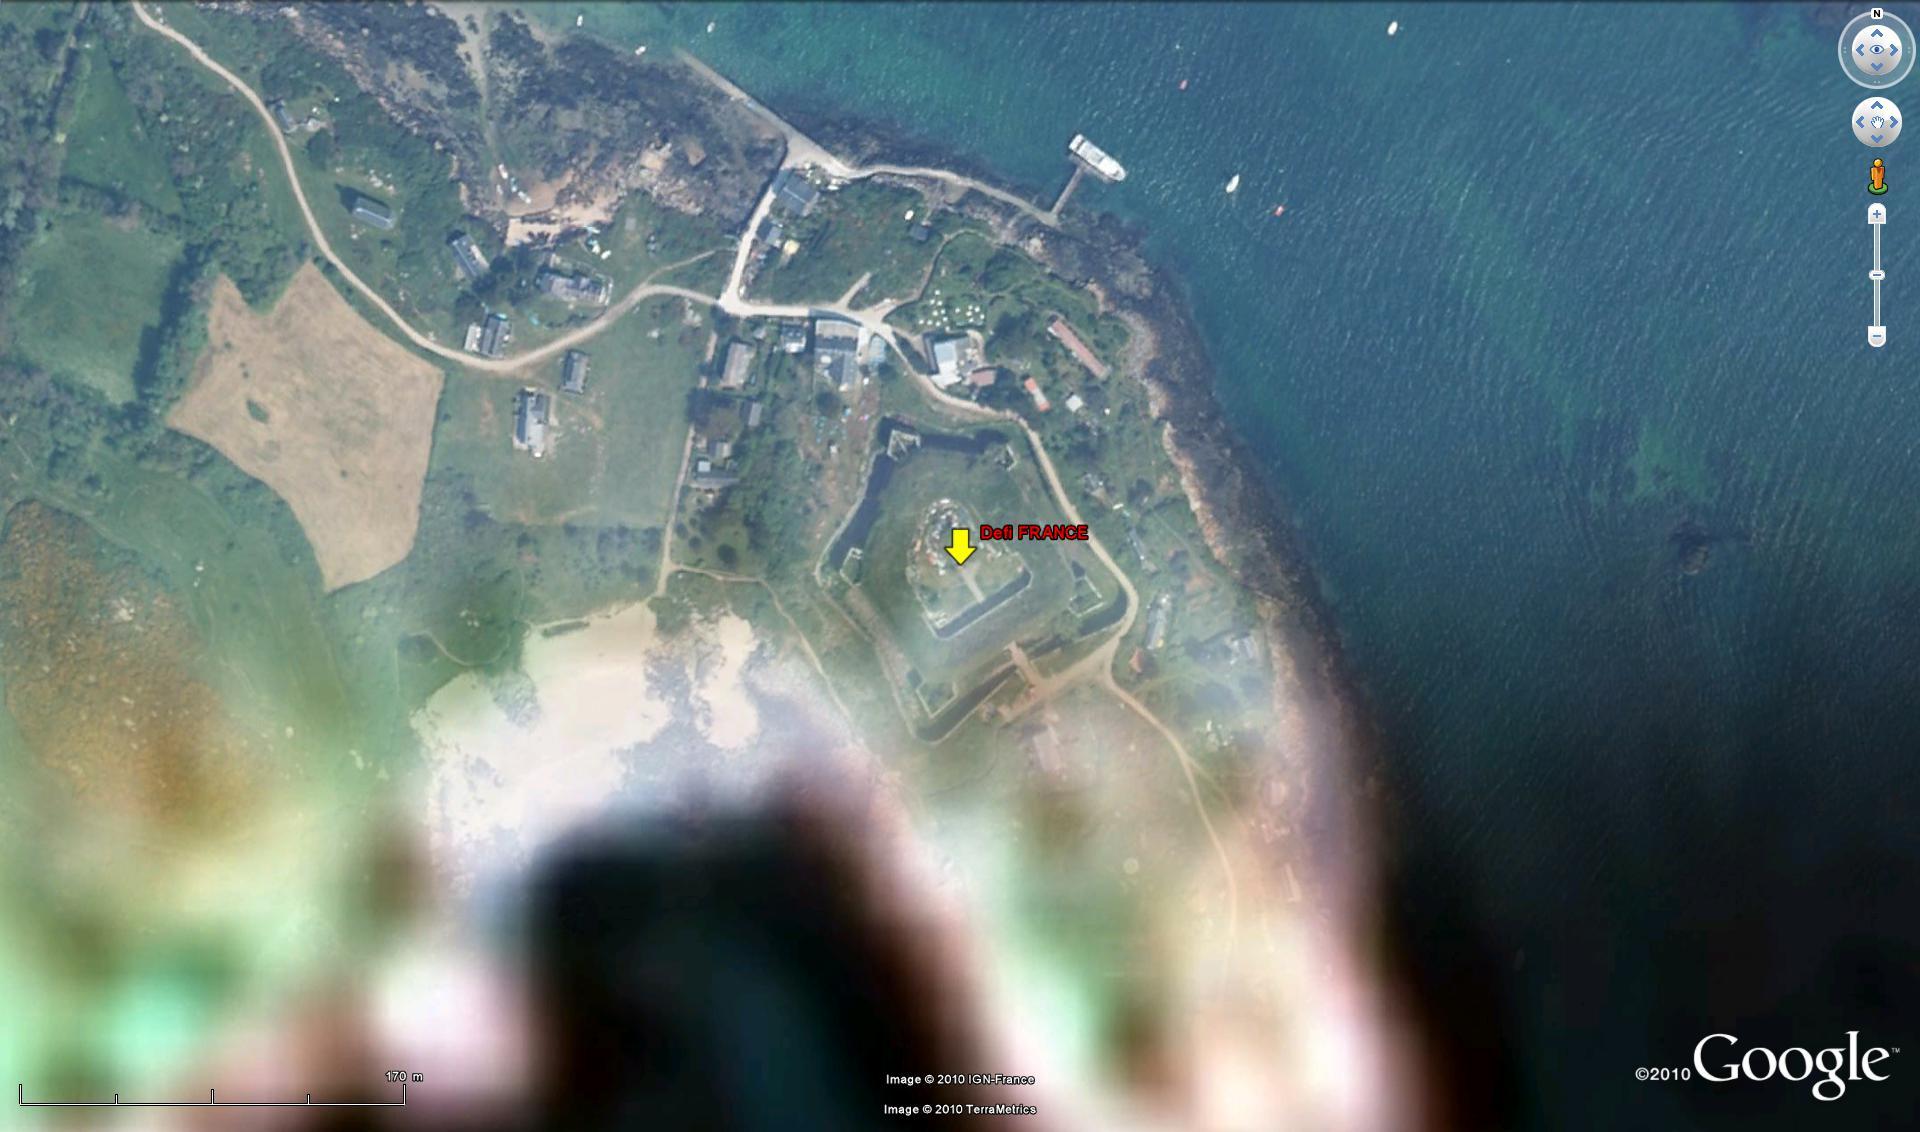 DEFIS ZOOM FRANCE 87 à 155 (Septembre 2010/Juin 2012) - Page 12 Fdc_0011